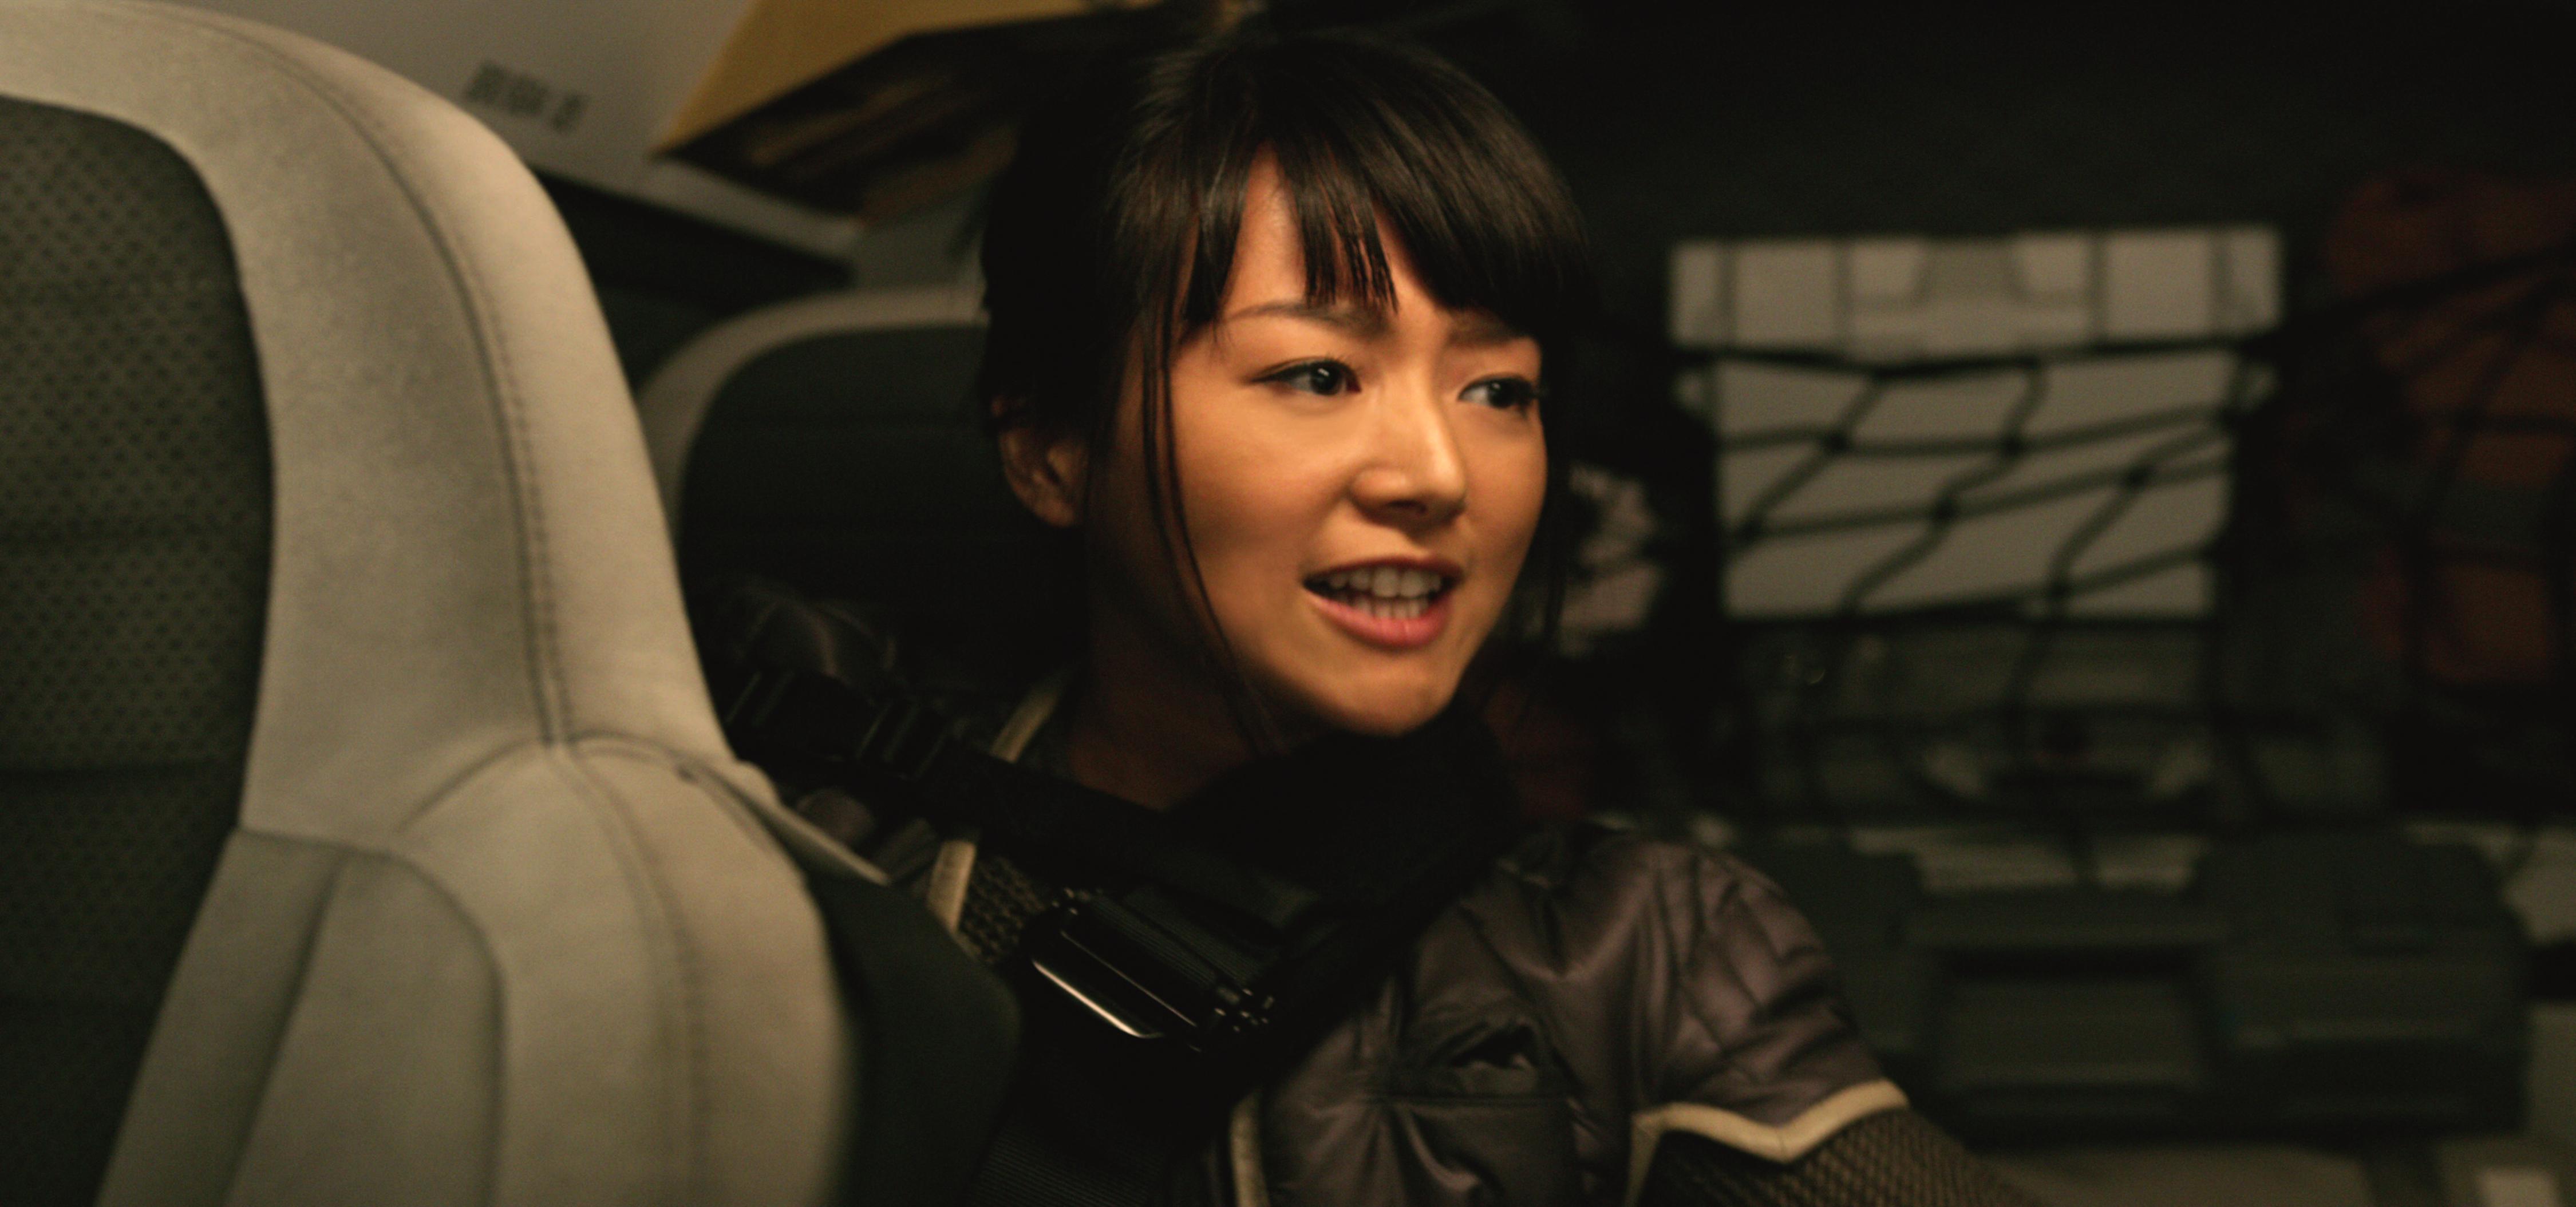 Kiki Sukezane in Lost in Space (2018)